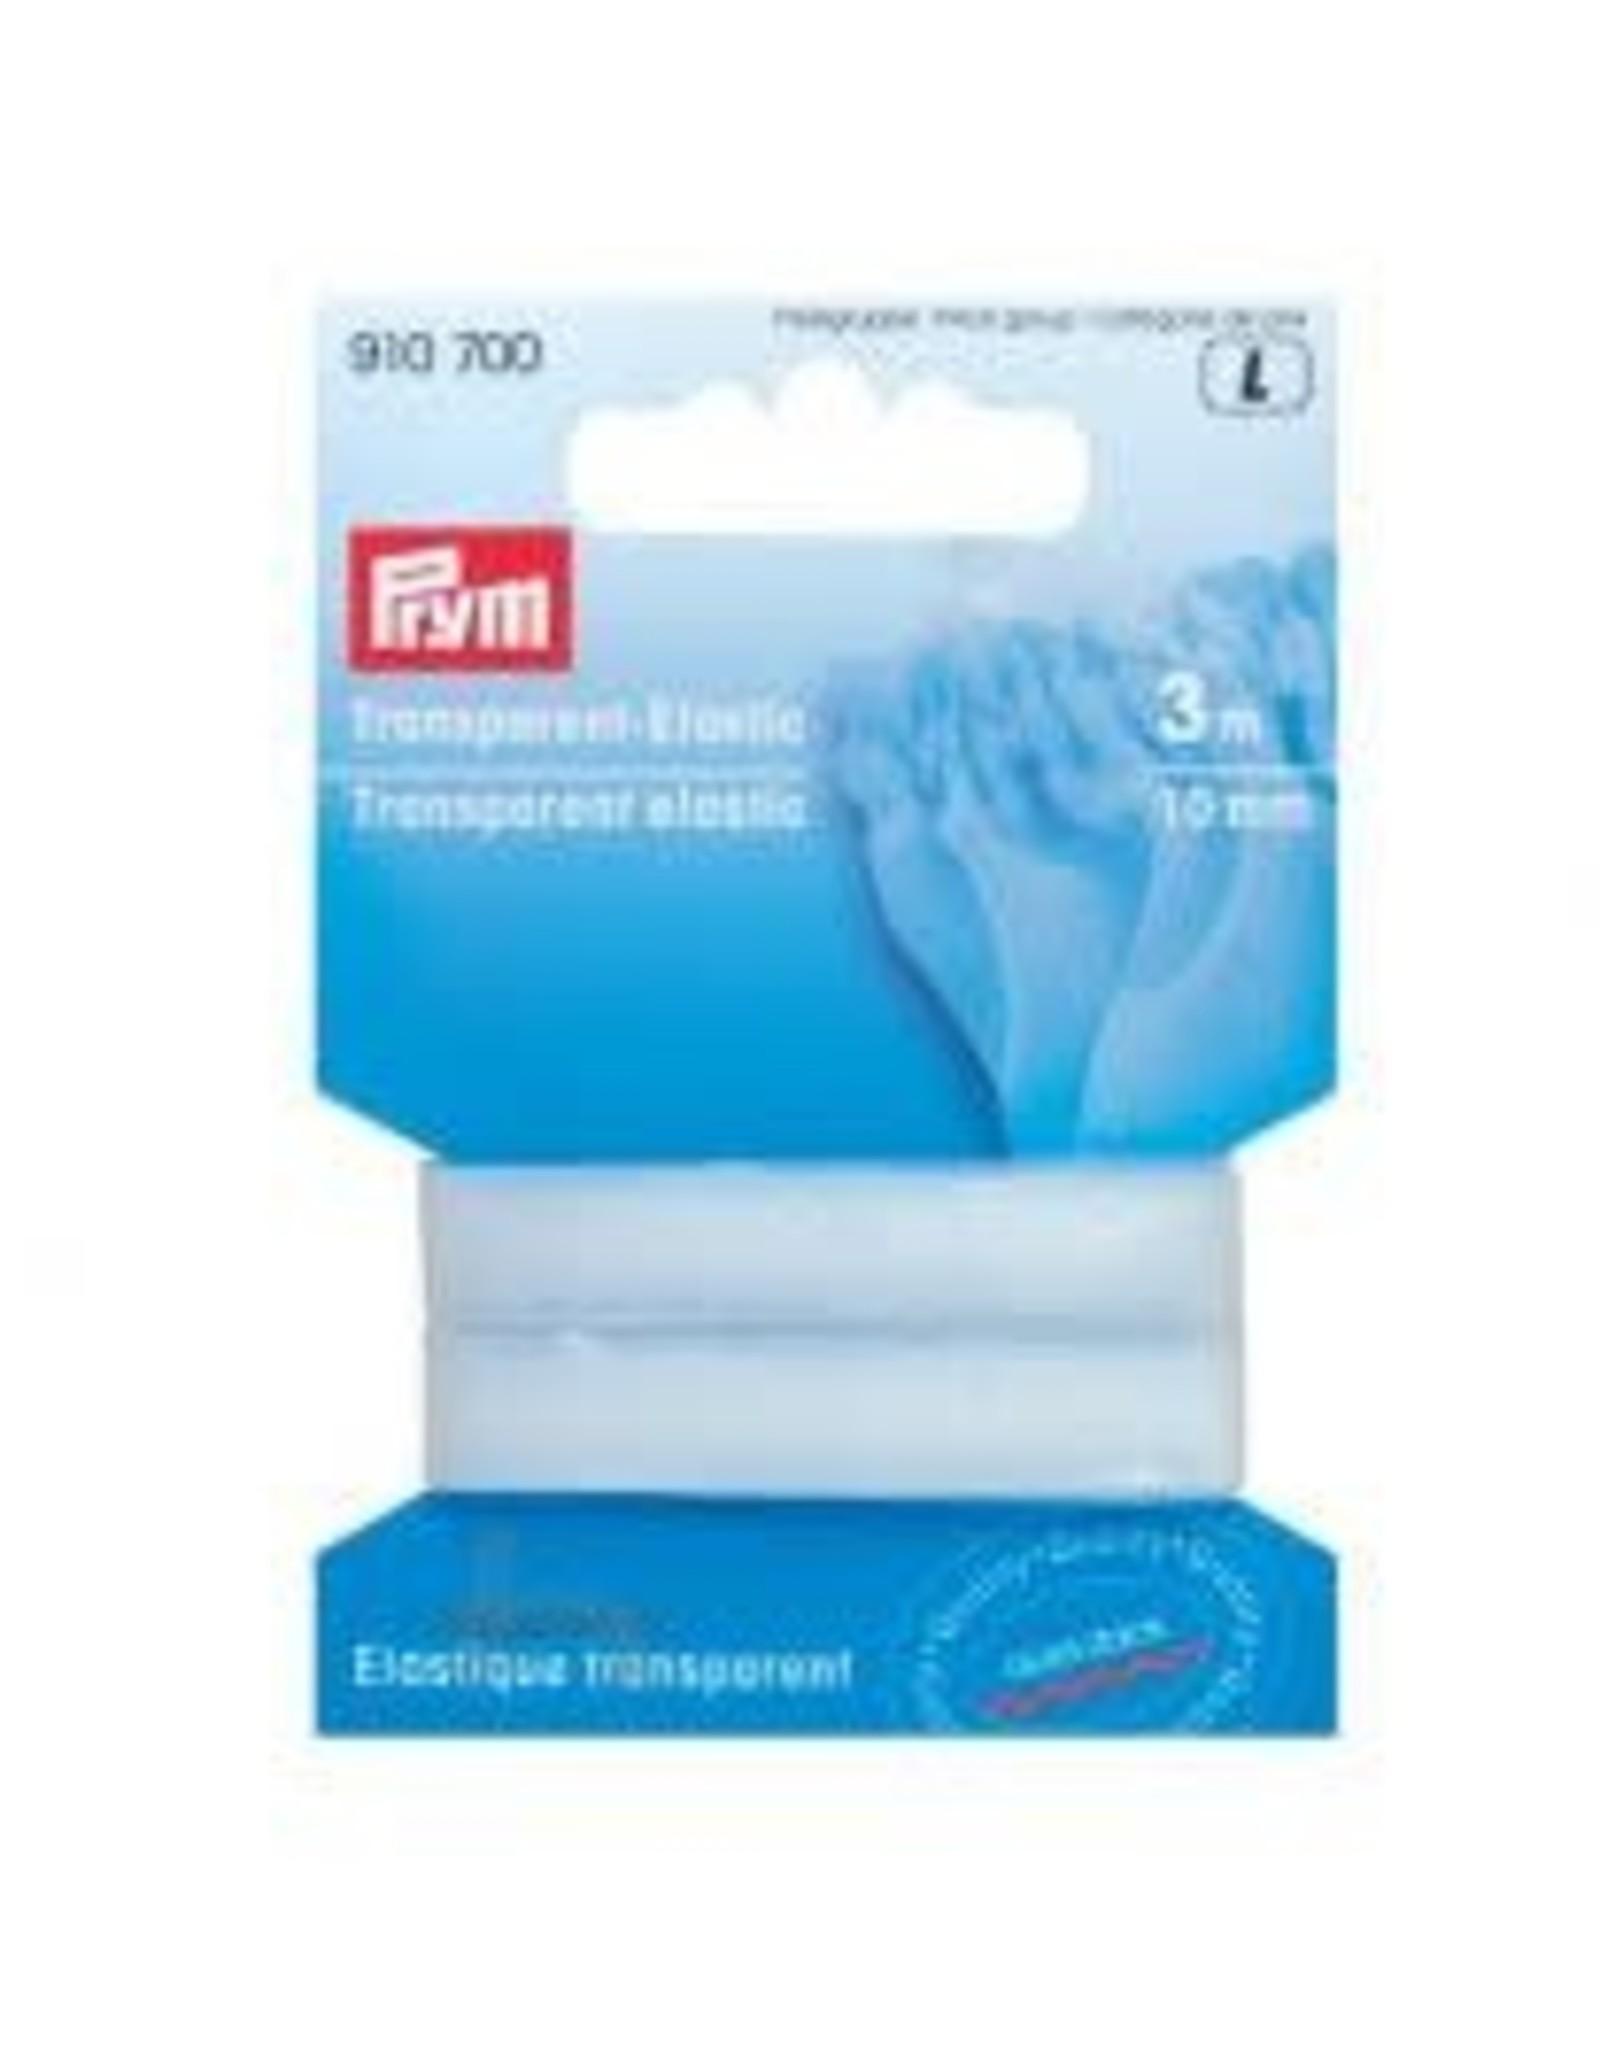 Prym Prym 910.700 - Transparant elastiek